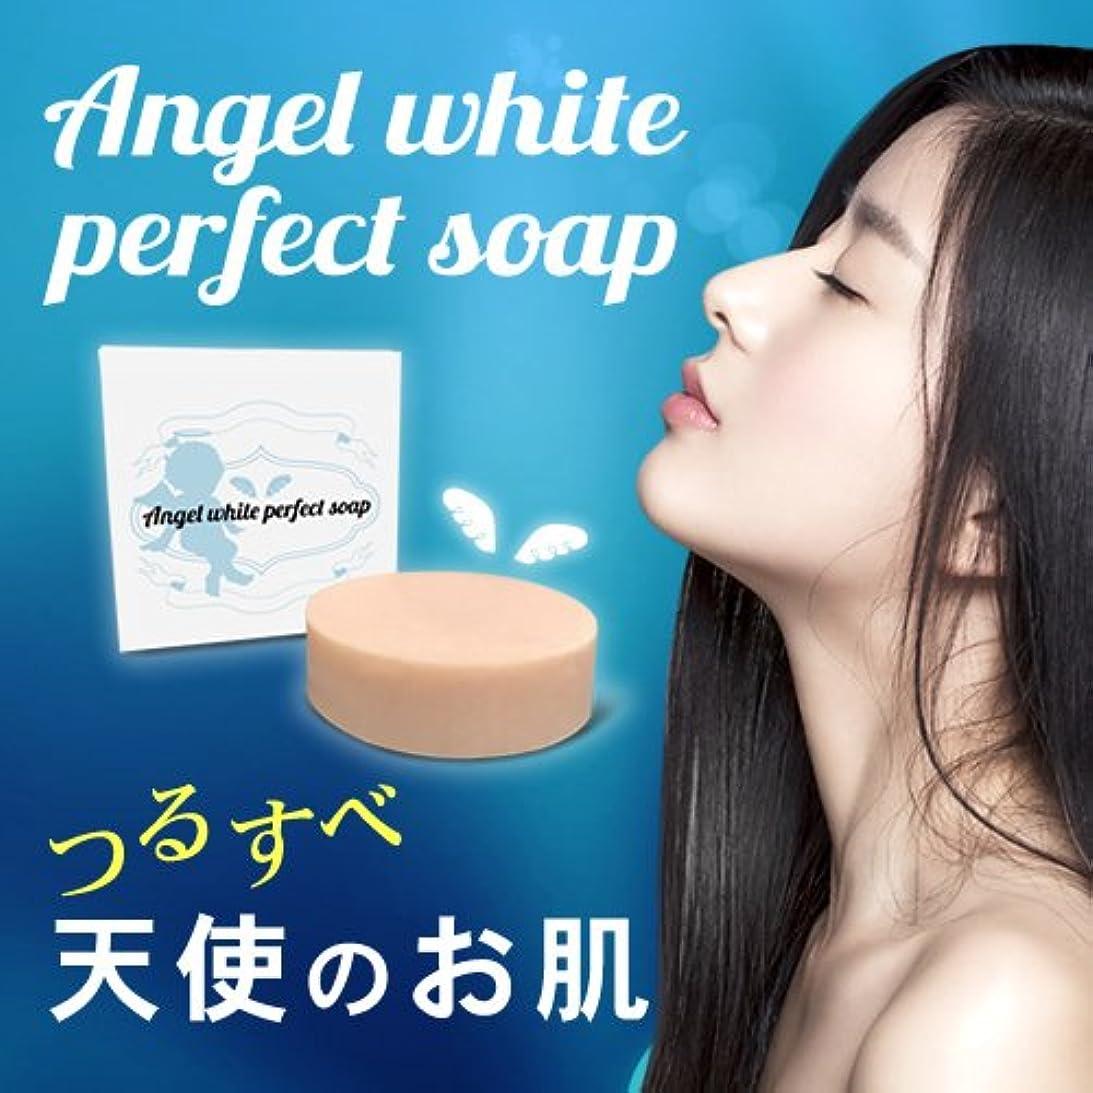 登録ビル礼儀Angel White Perfect Soap(エンジェルホワイトパーフェクトソープ) 美白 美白石けん 美肌 洗顔石鹸